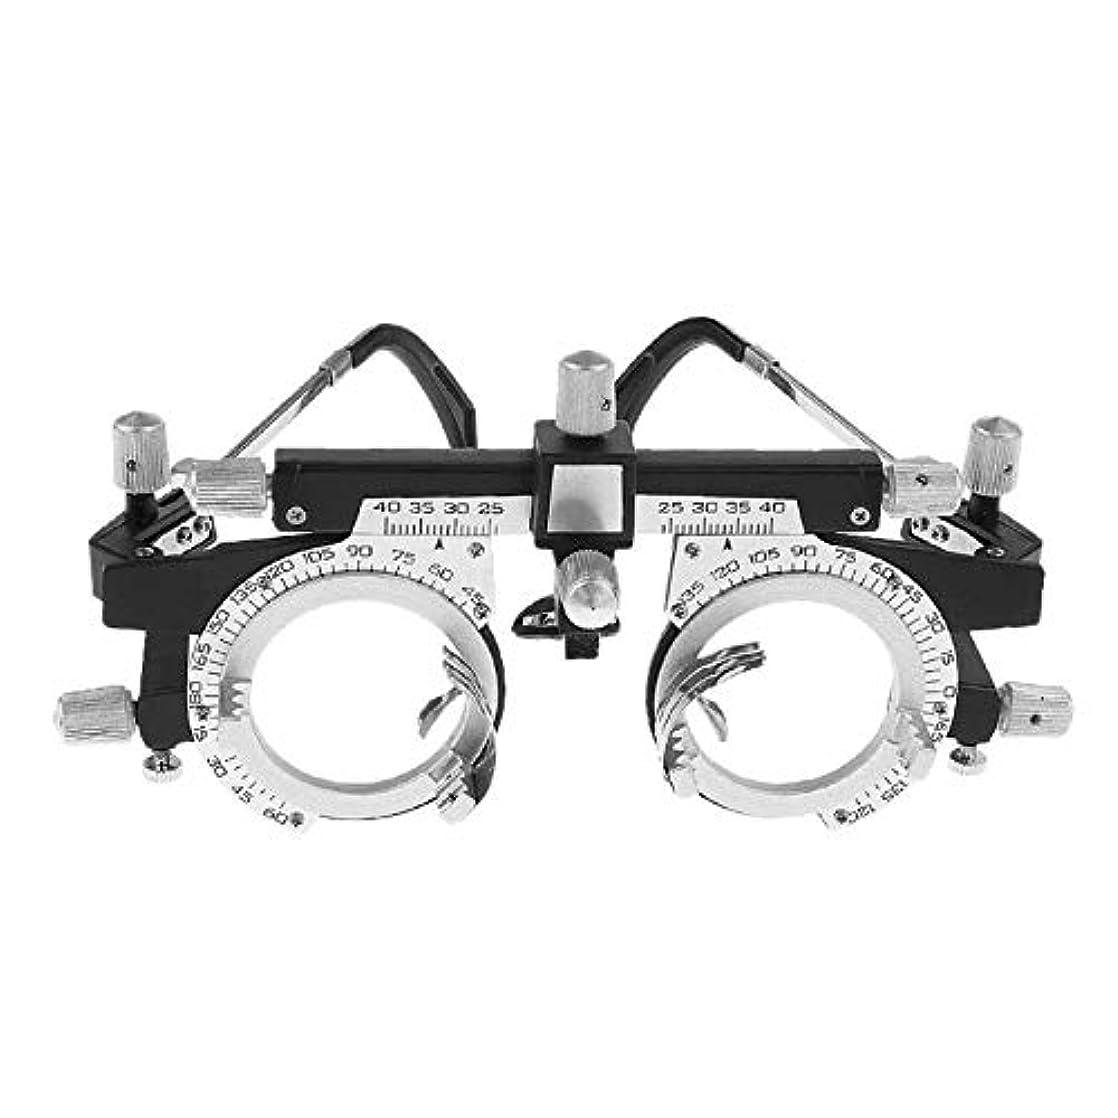 引っ張る抽象ジャーナリスト調節可能なプロフェッショナルアイウェア検眼メタルフレーム光学オプティクストライアルレンズメタルフレームPDメガネアクセサリー